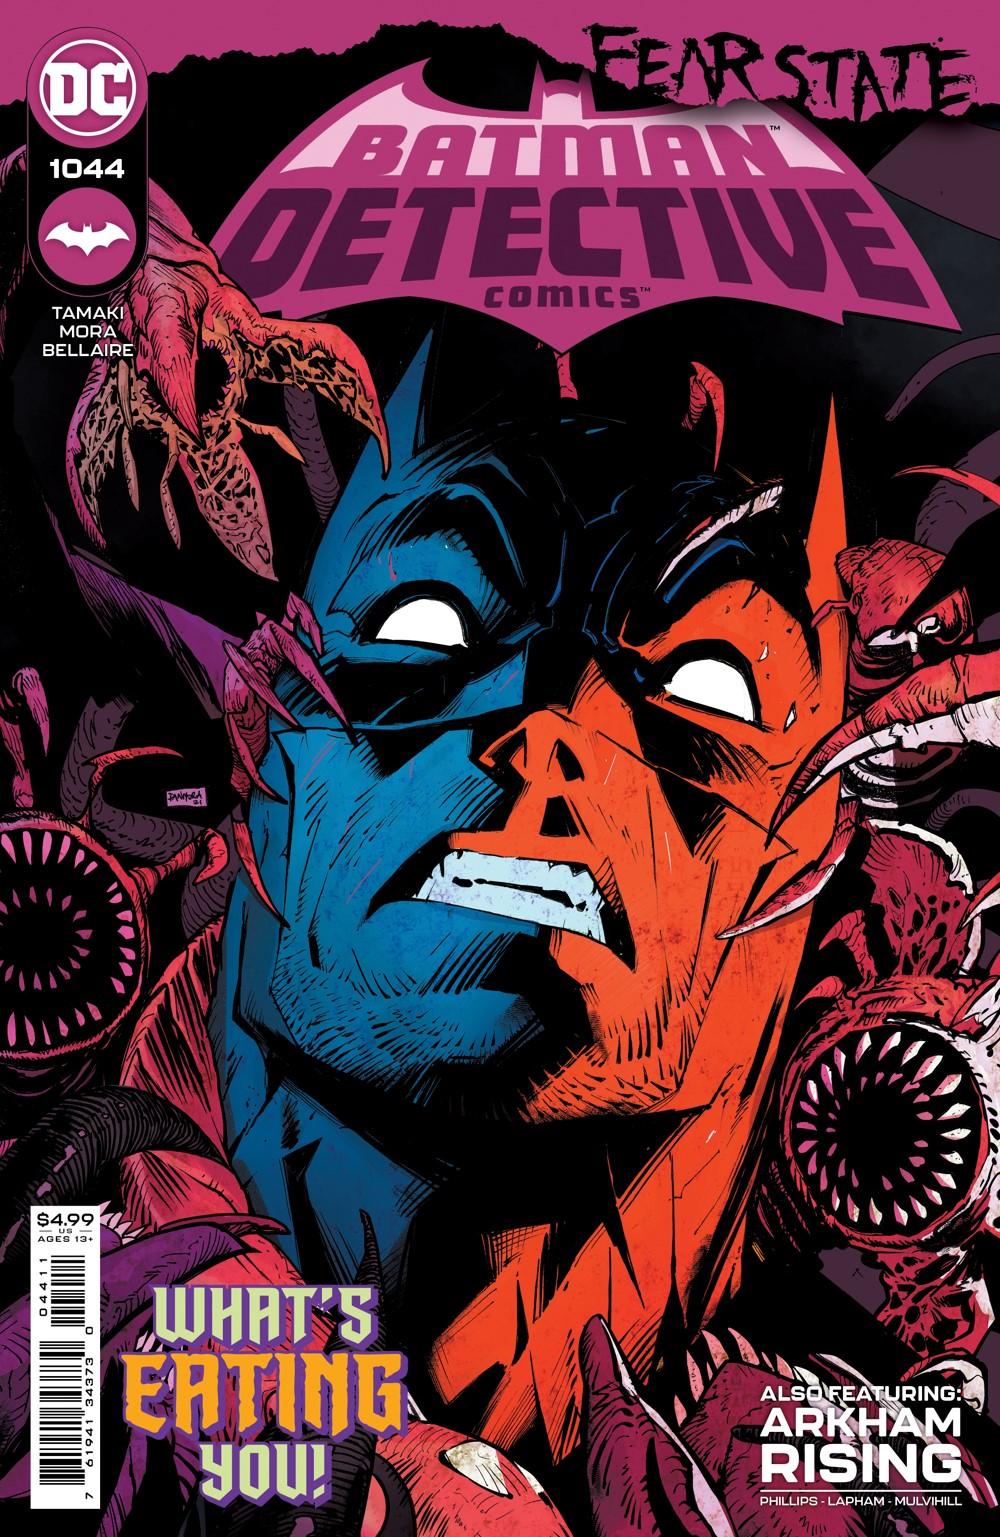 DTC_Cv1044_04411 DC Comics October 2021 Solicitations